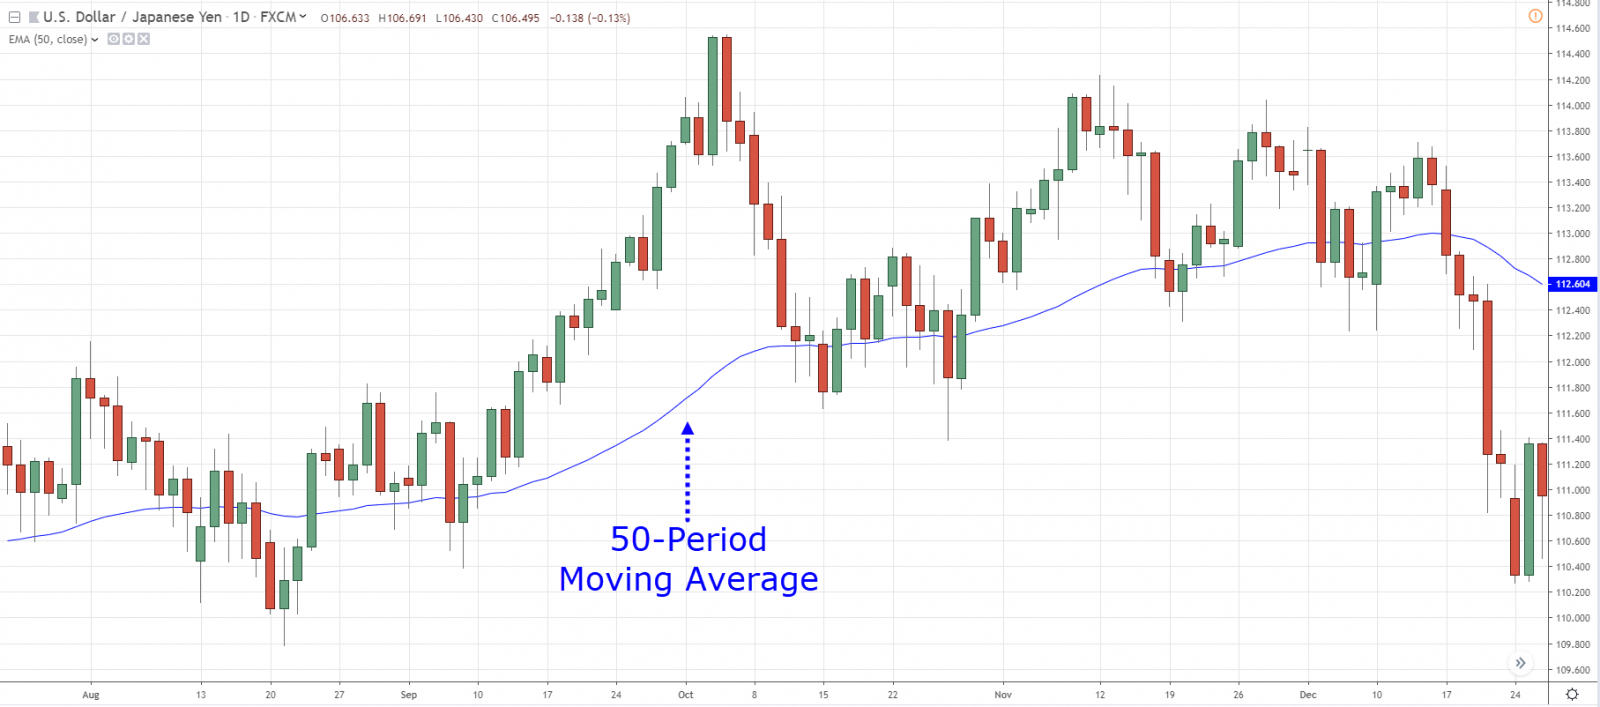 50日移動平均とは何ですか? -それを使用し、Exnessで収益性の高い取引機会を特定する方法